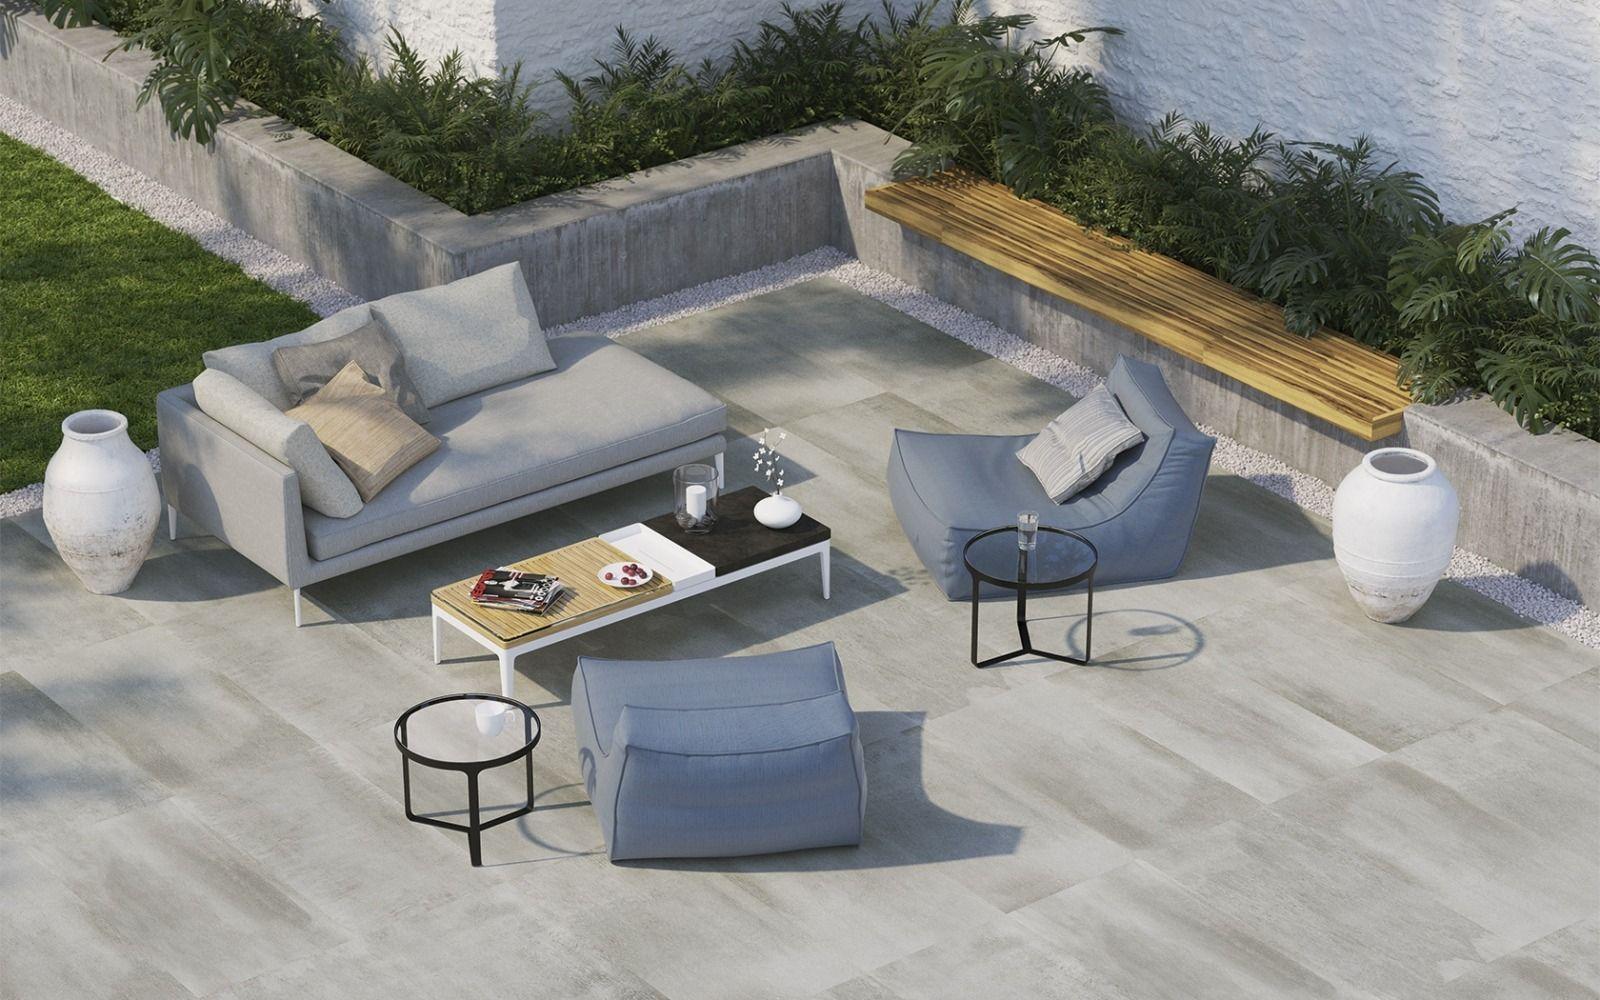 bildergebnis für terrasse betonplatten naturstein umrandung